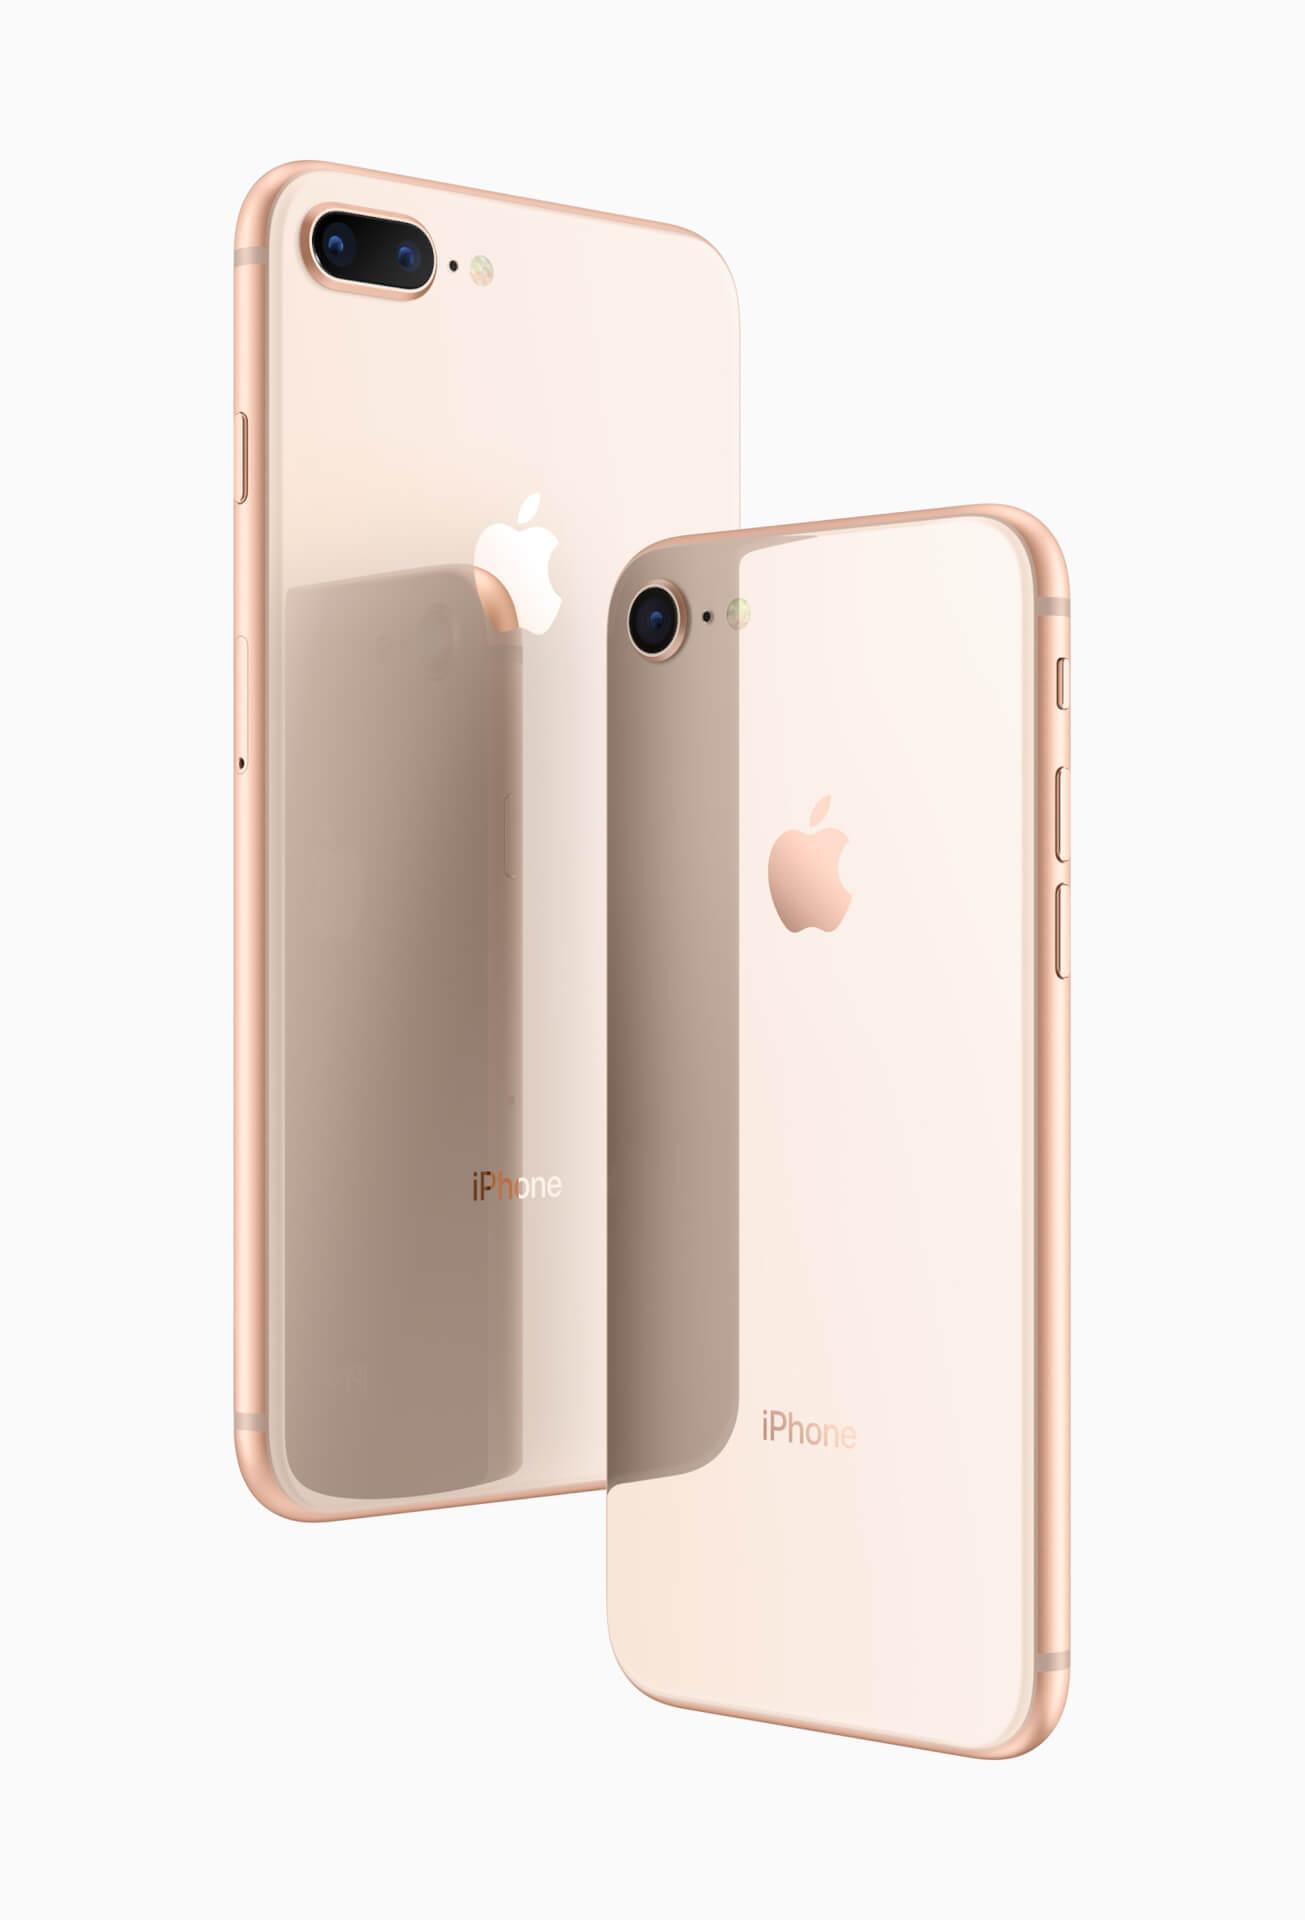 iPhone SE 2の発表ならず?新製品発表イベントに合わせて延期か tech200311_iphonese2_main